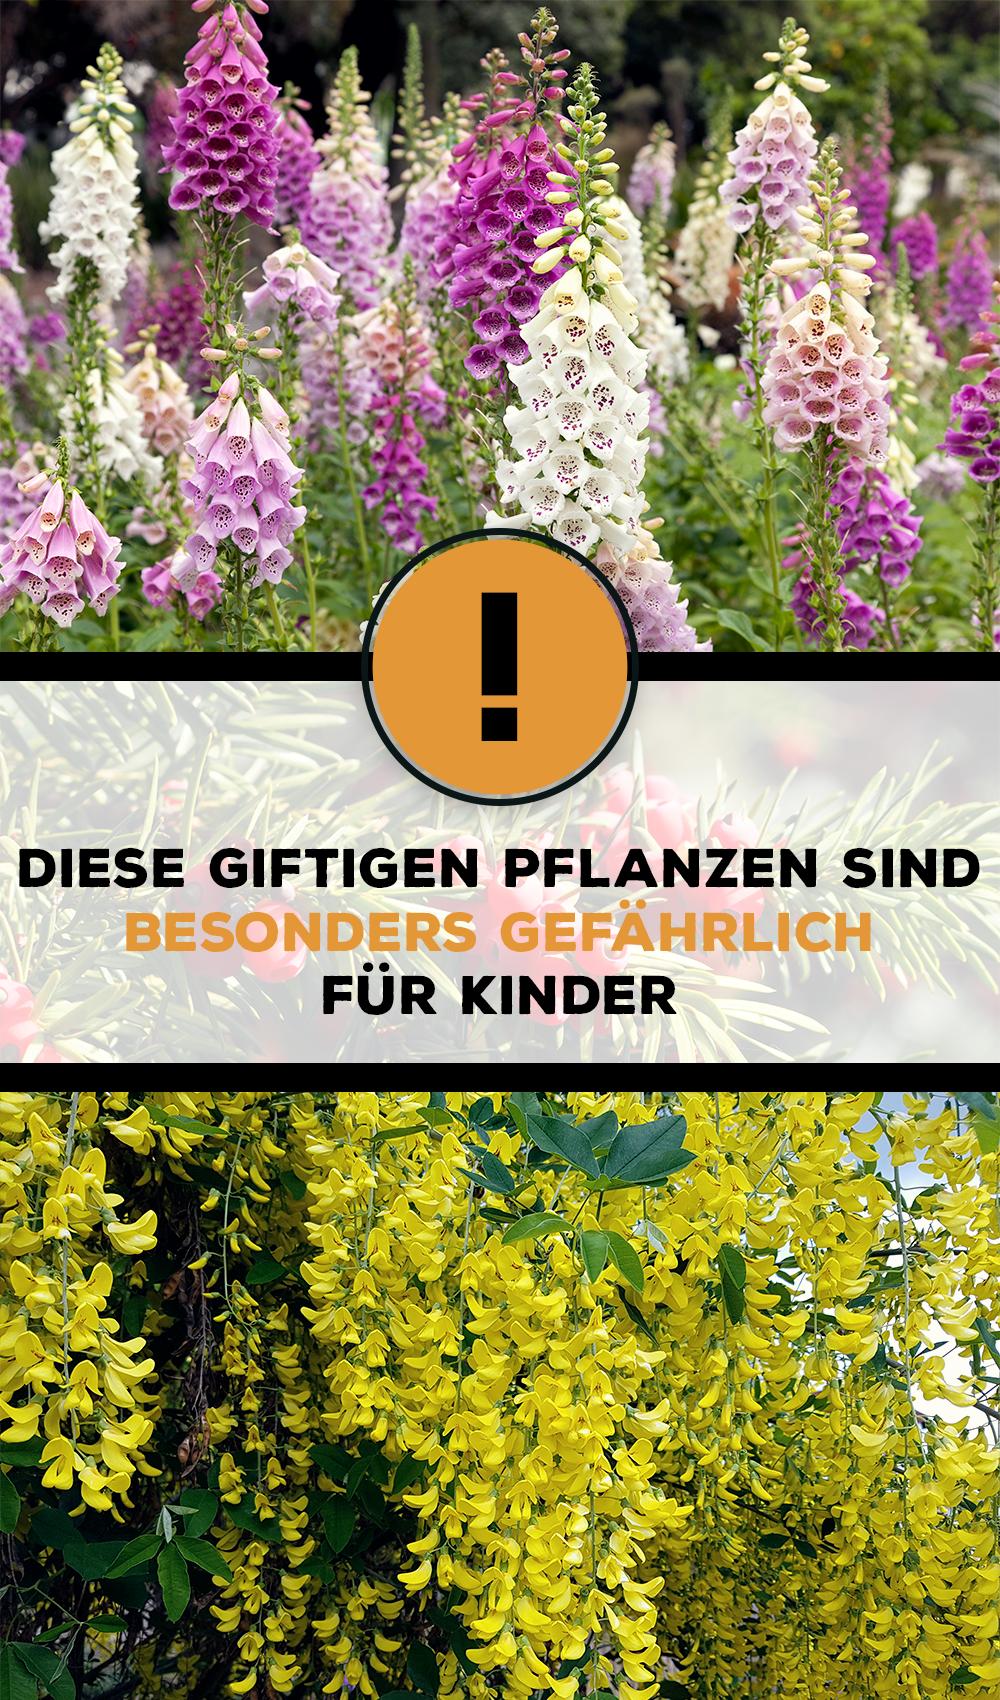 Giftige Gartenpflanzen Fur Kinder Einheimische Und Co Familie De Giftige Pflanzen Pflanzen Gartenpflanzen